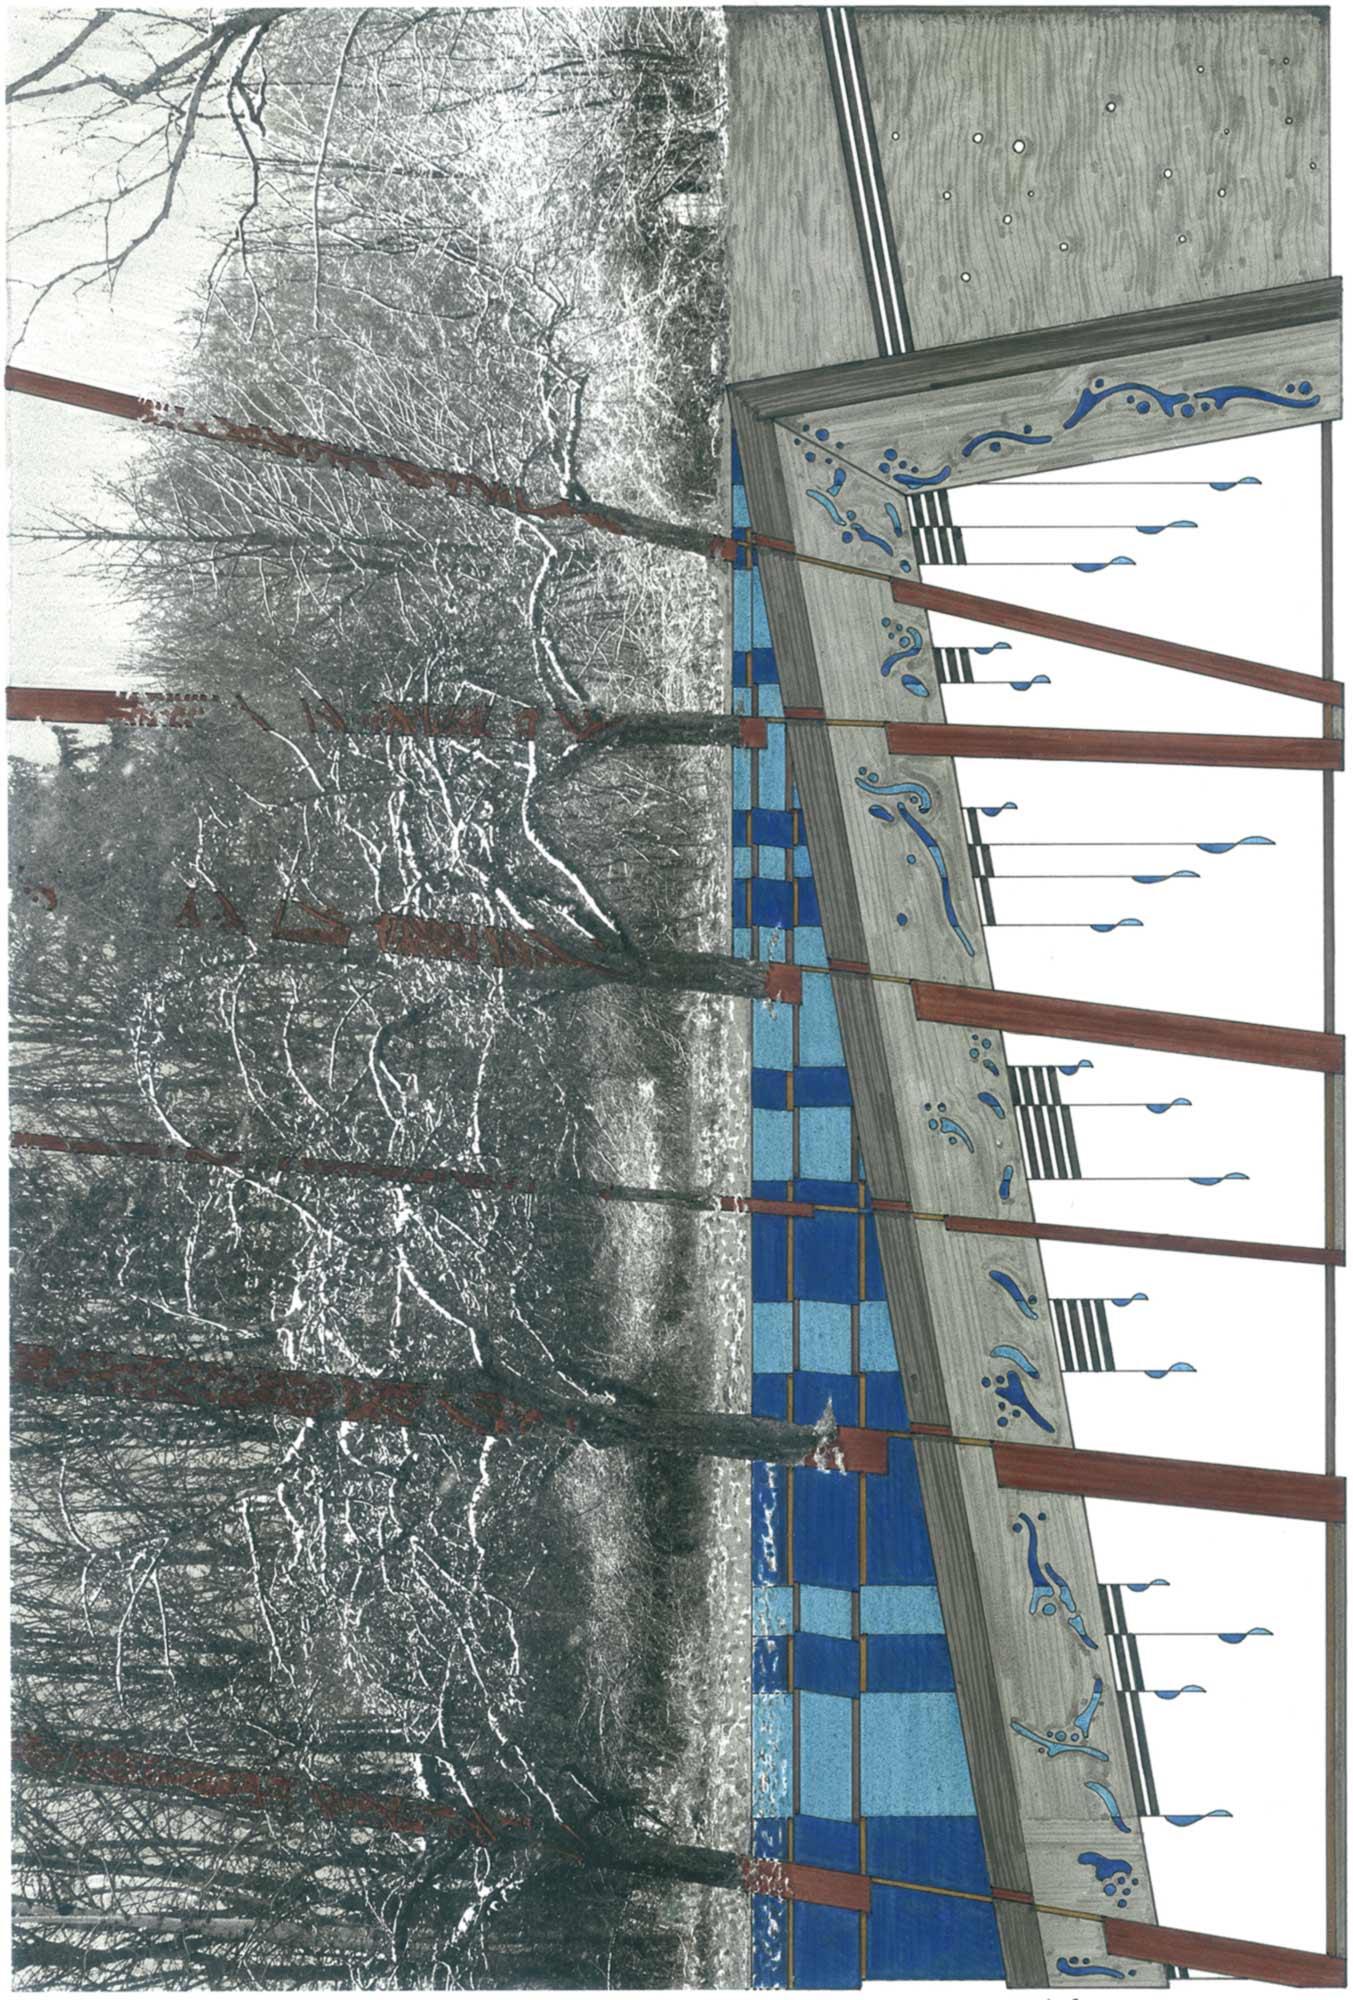 Sarabande, dessin, Raf Listowski, 2008